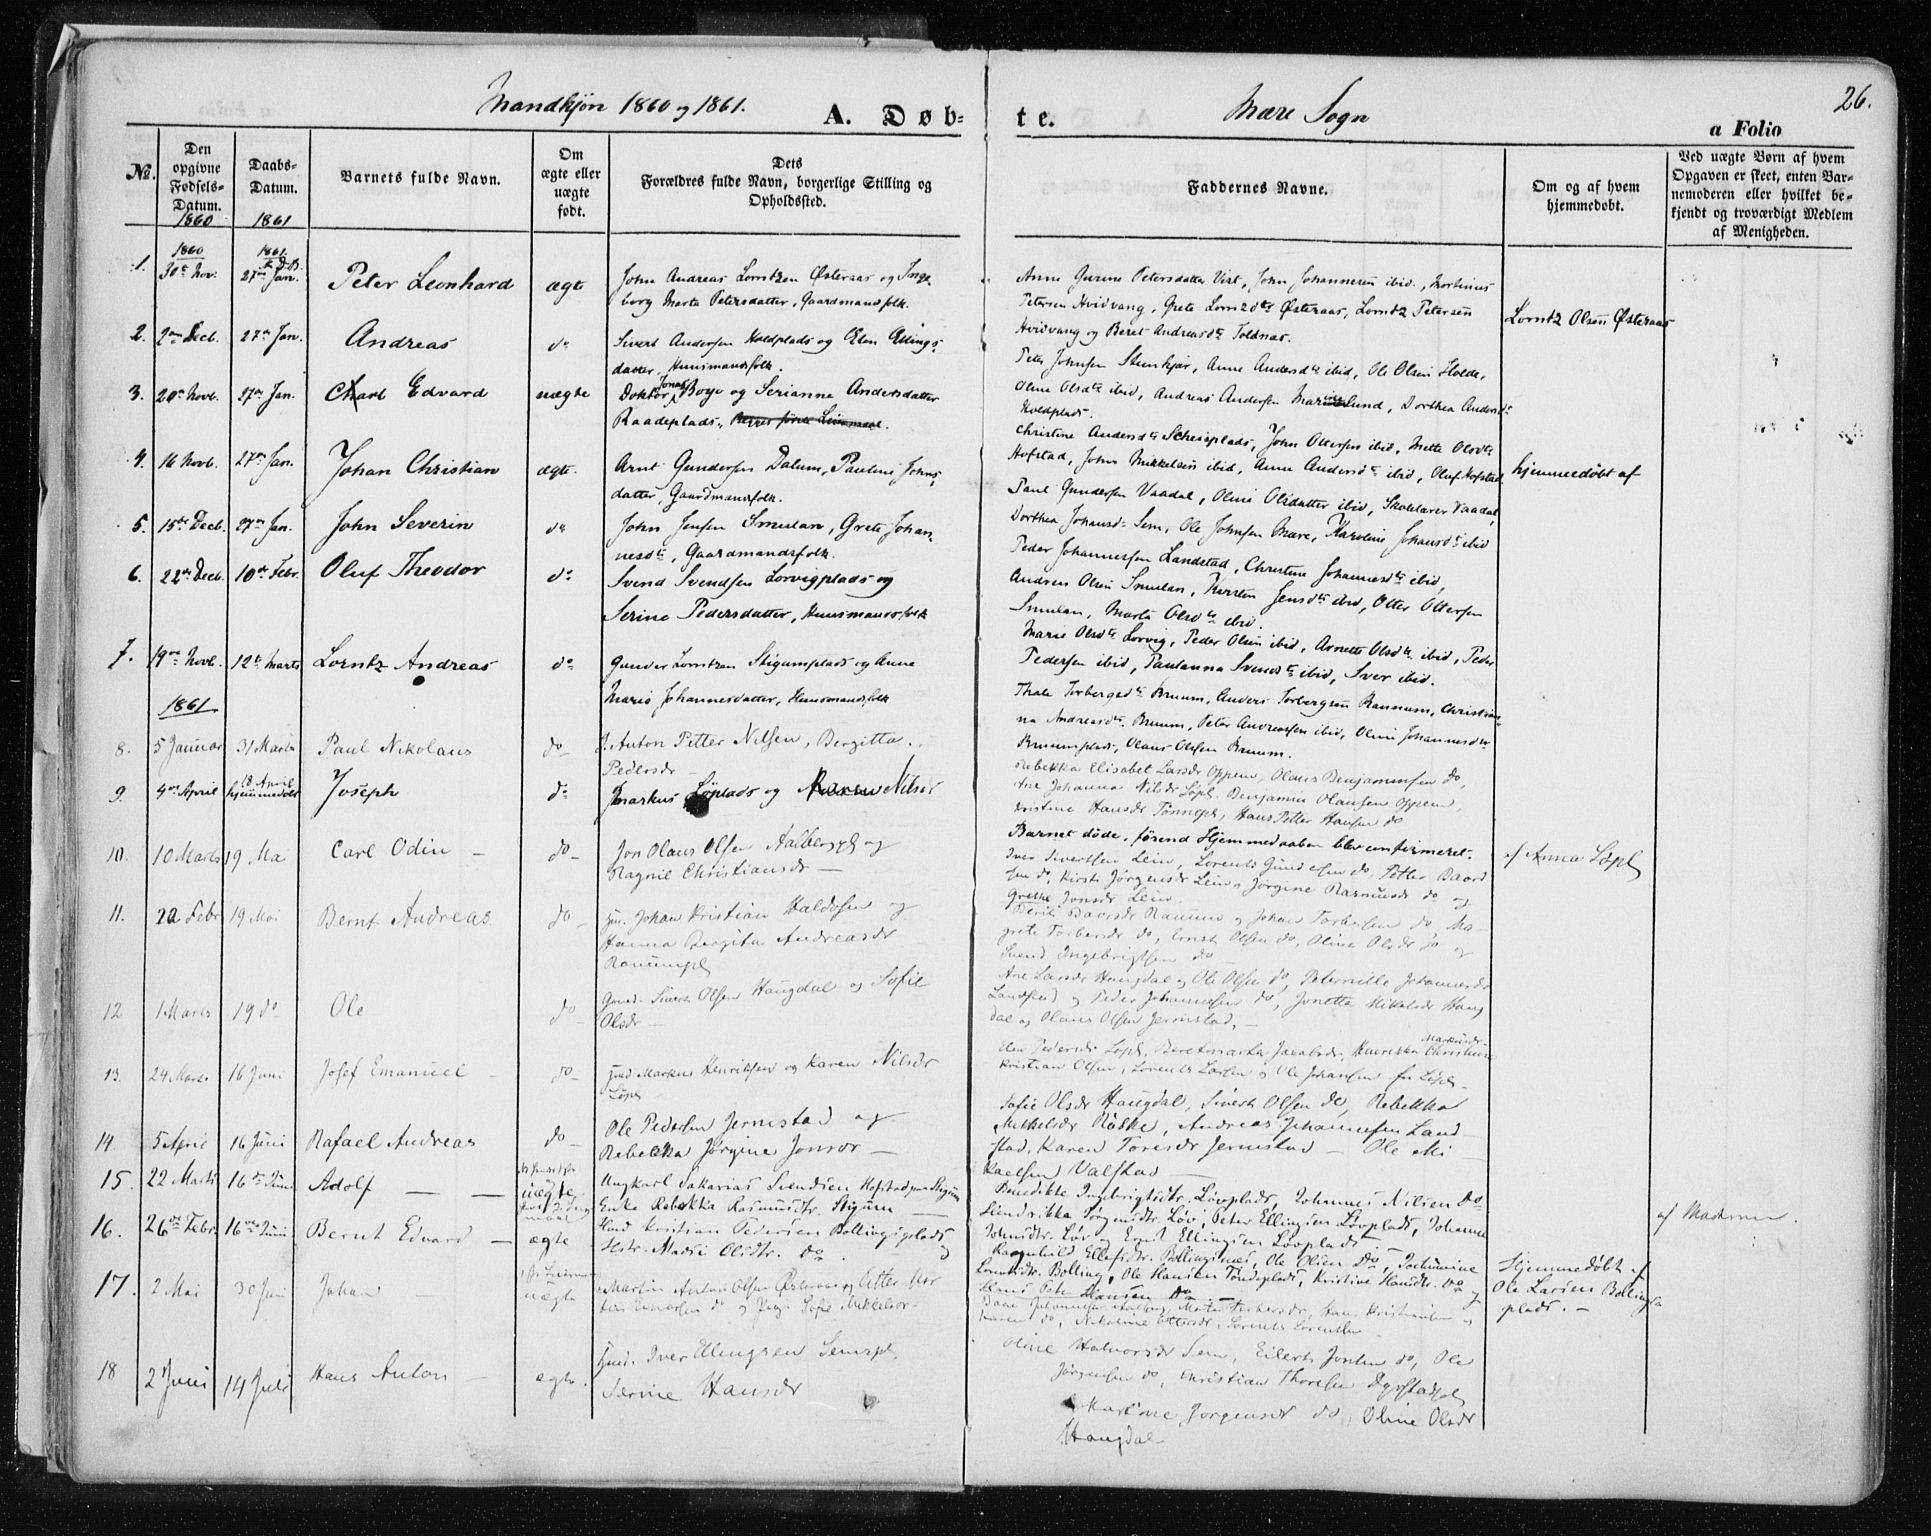 SAT, Ministerialprotokoller, klokkerbøker og fødselsregistre - Nord-Trøndelag, 735/L0342: Ministerialbok nr. 735A07 /1, 1849-1862, s. 26